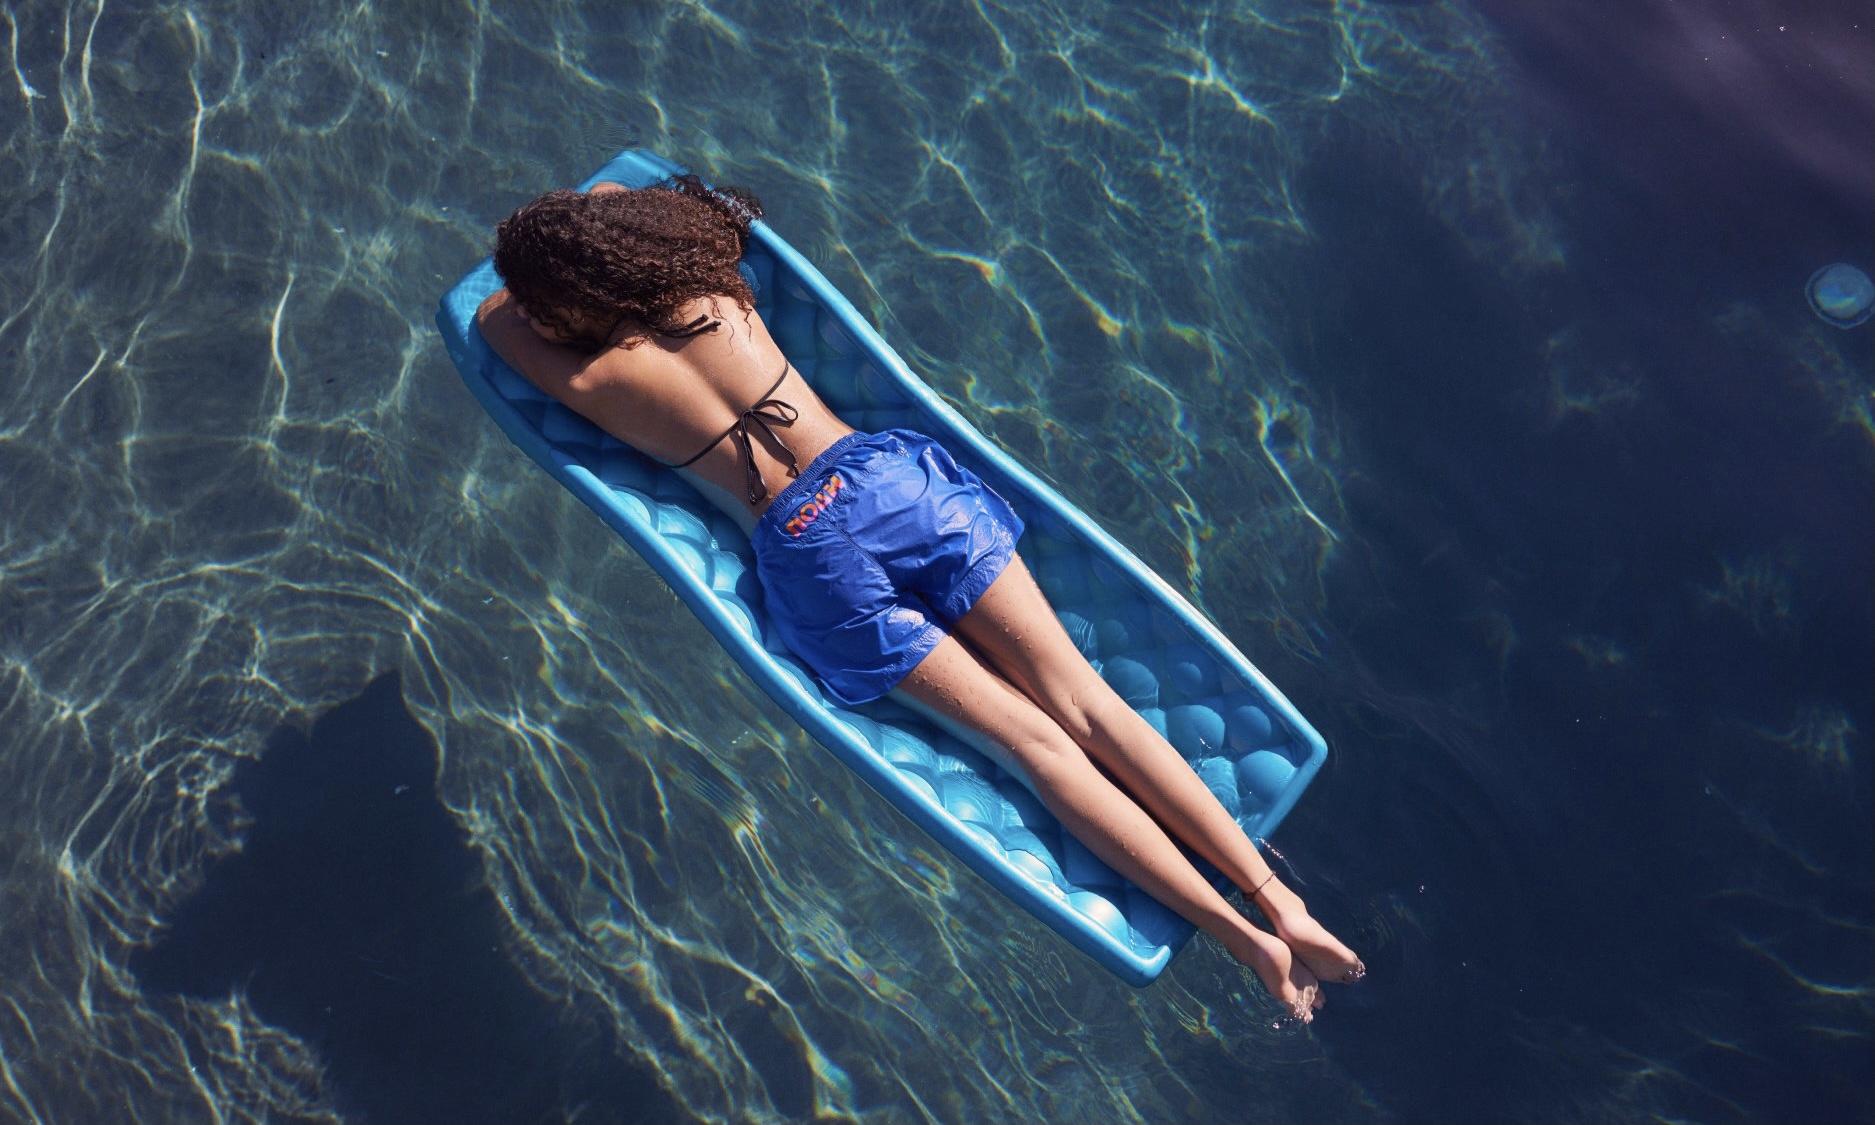 NOAH 2021 夏季「Poolside」Lookbook 释出